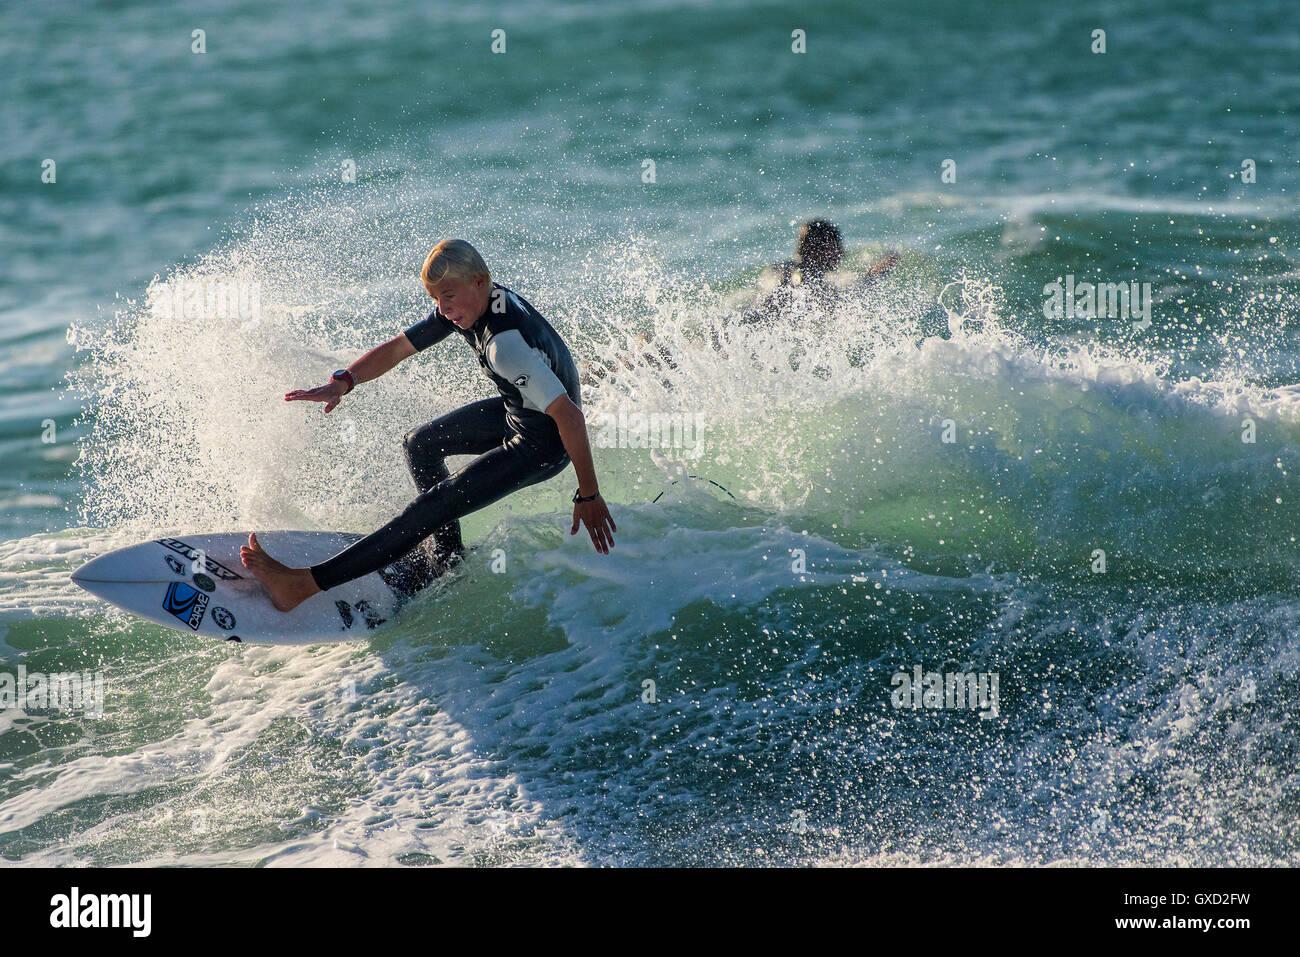 Eine junge Sol Hawkins in spektakulären Surf-Action am Fistral in Newquay, Cornwall. VEREINIGTES KÖNIGREICH. Stockbild